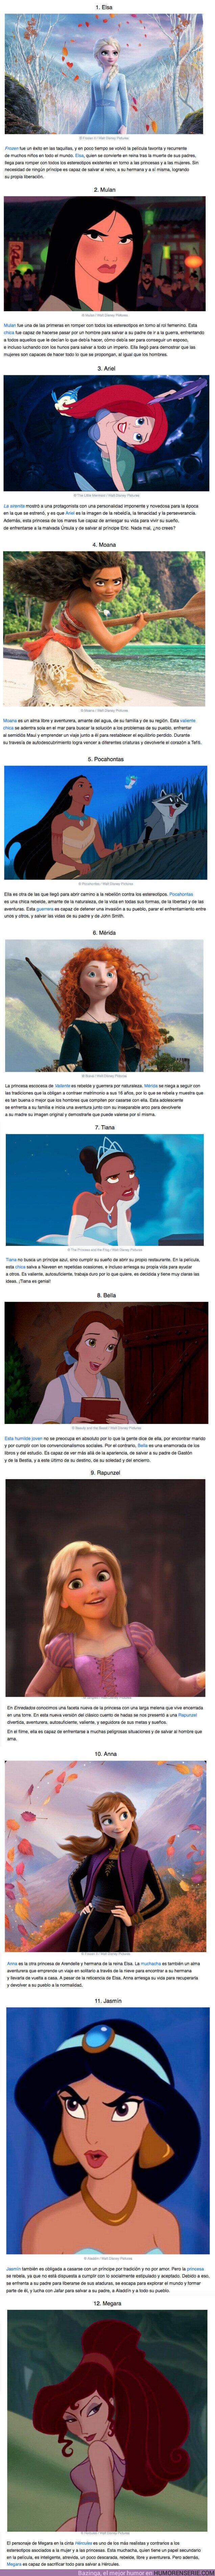 57490 - GALERÍA: 12 Princesas de Disney que le dijeron adiós a una imagen desvalida y se convirtieron en heroínas